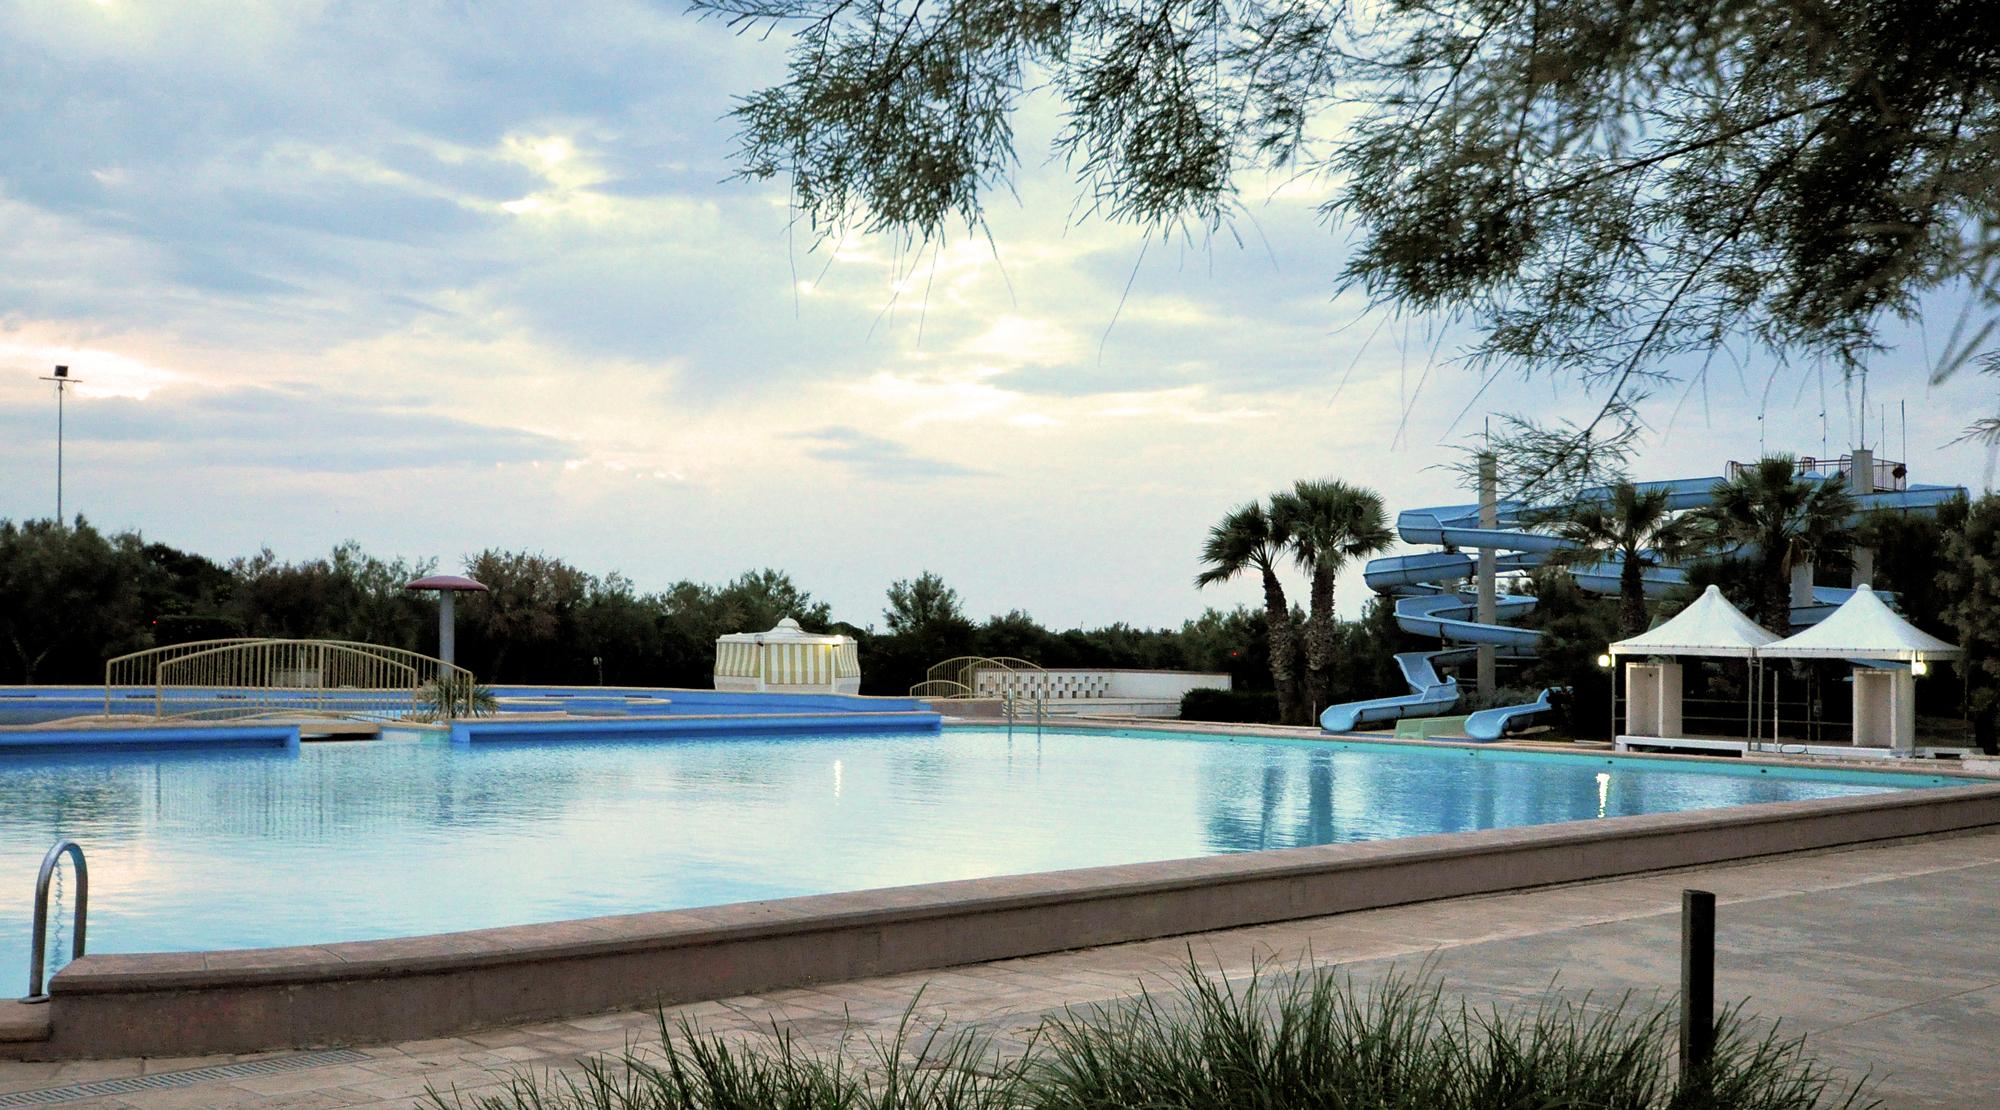 Campingpladsens overvågede pool er på 300m² med vandrutschebane og boblebad. Desuden er der til børn 200m² udendørs soppebassin + 500m² indendørs vandlegeplads. Alt sammen er i drift i højsæsonen – altså ikke mens vi var der.